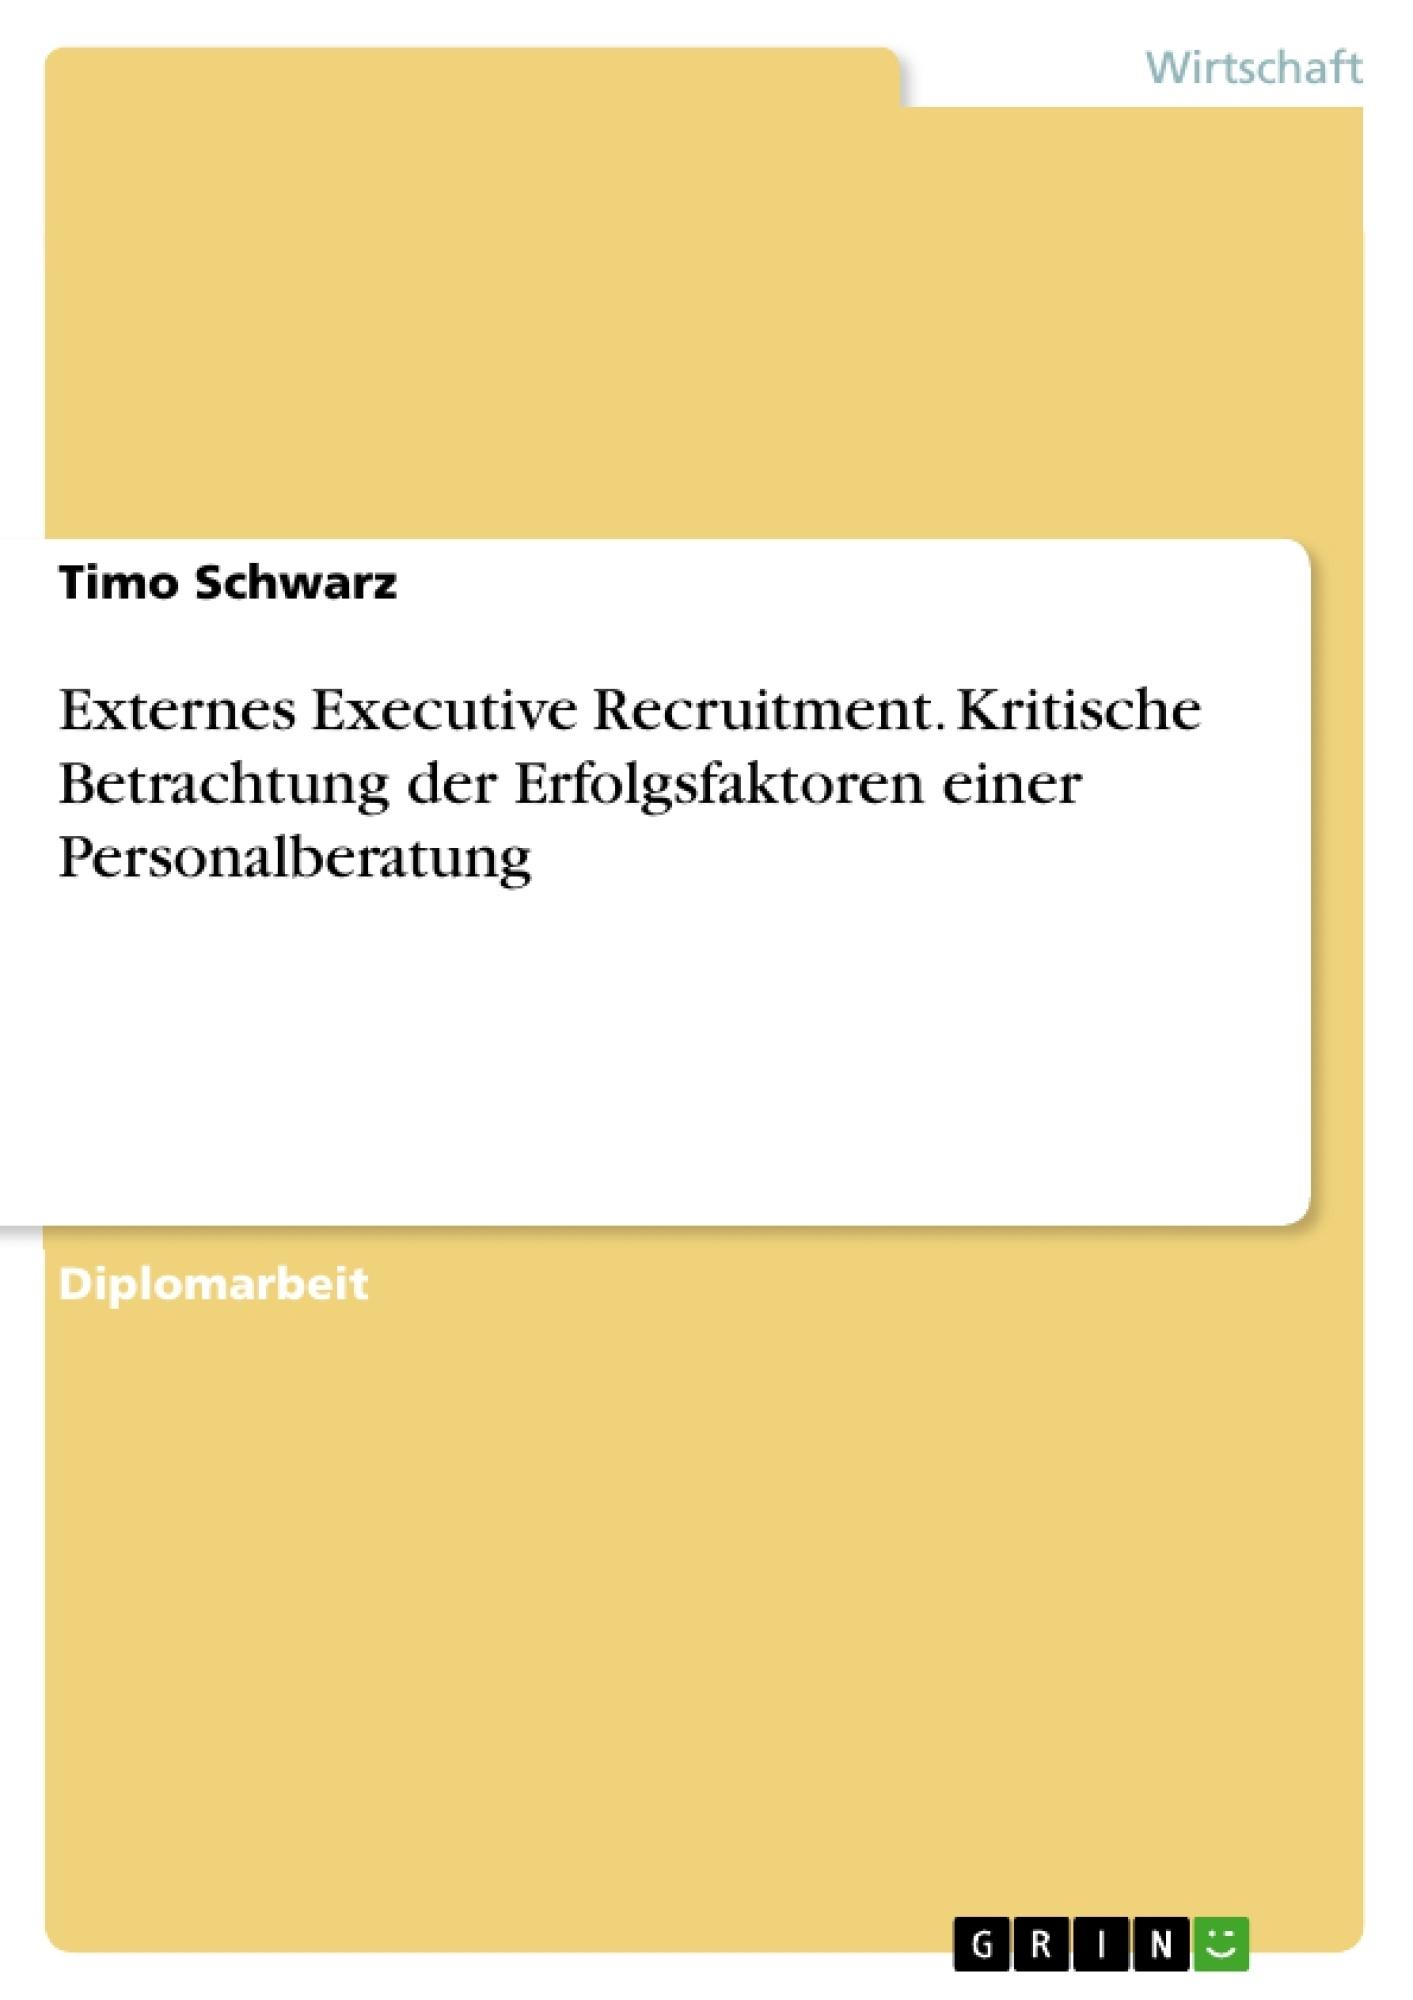 Titel: Externes Executive Recruitment. Kritische Betrachtung der Erfolgsfaktoren einer Personalberatung